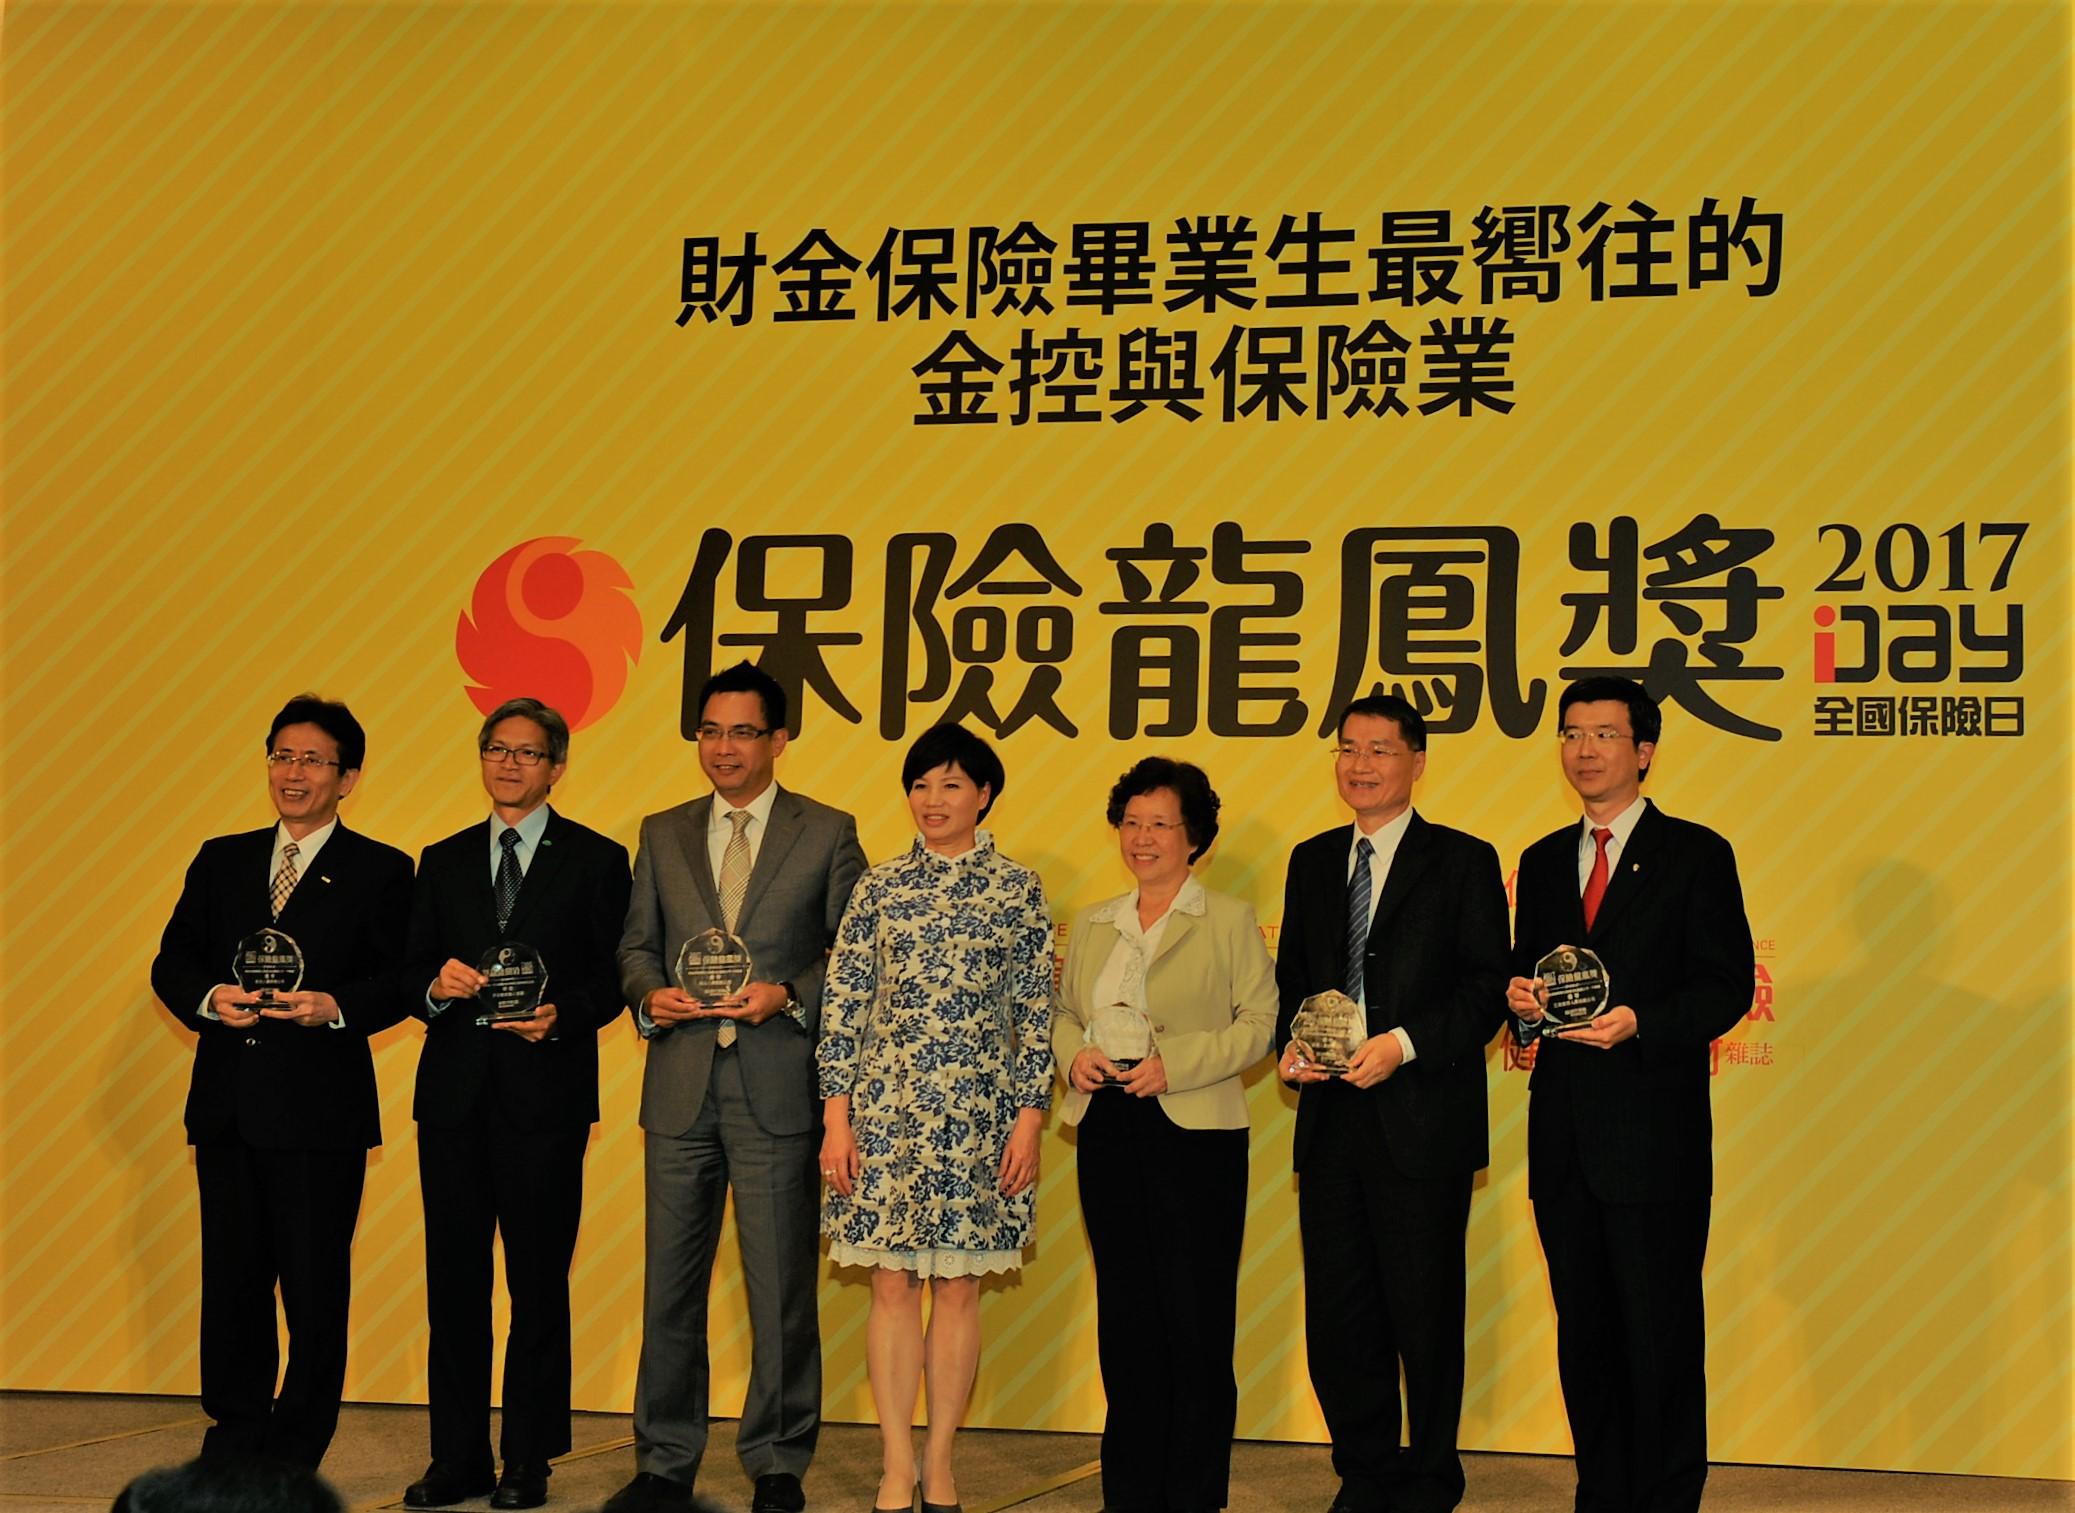 現代保險教育事務基金會林麗銖董事長與各得獎公司代表合影。